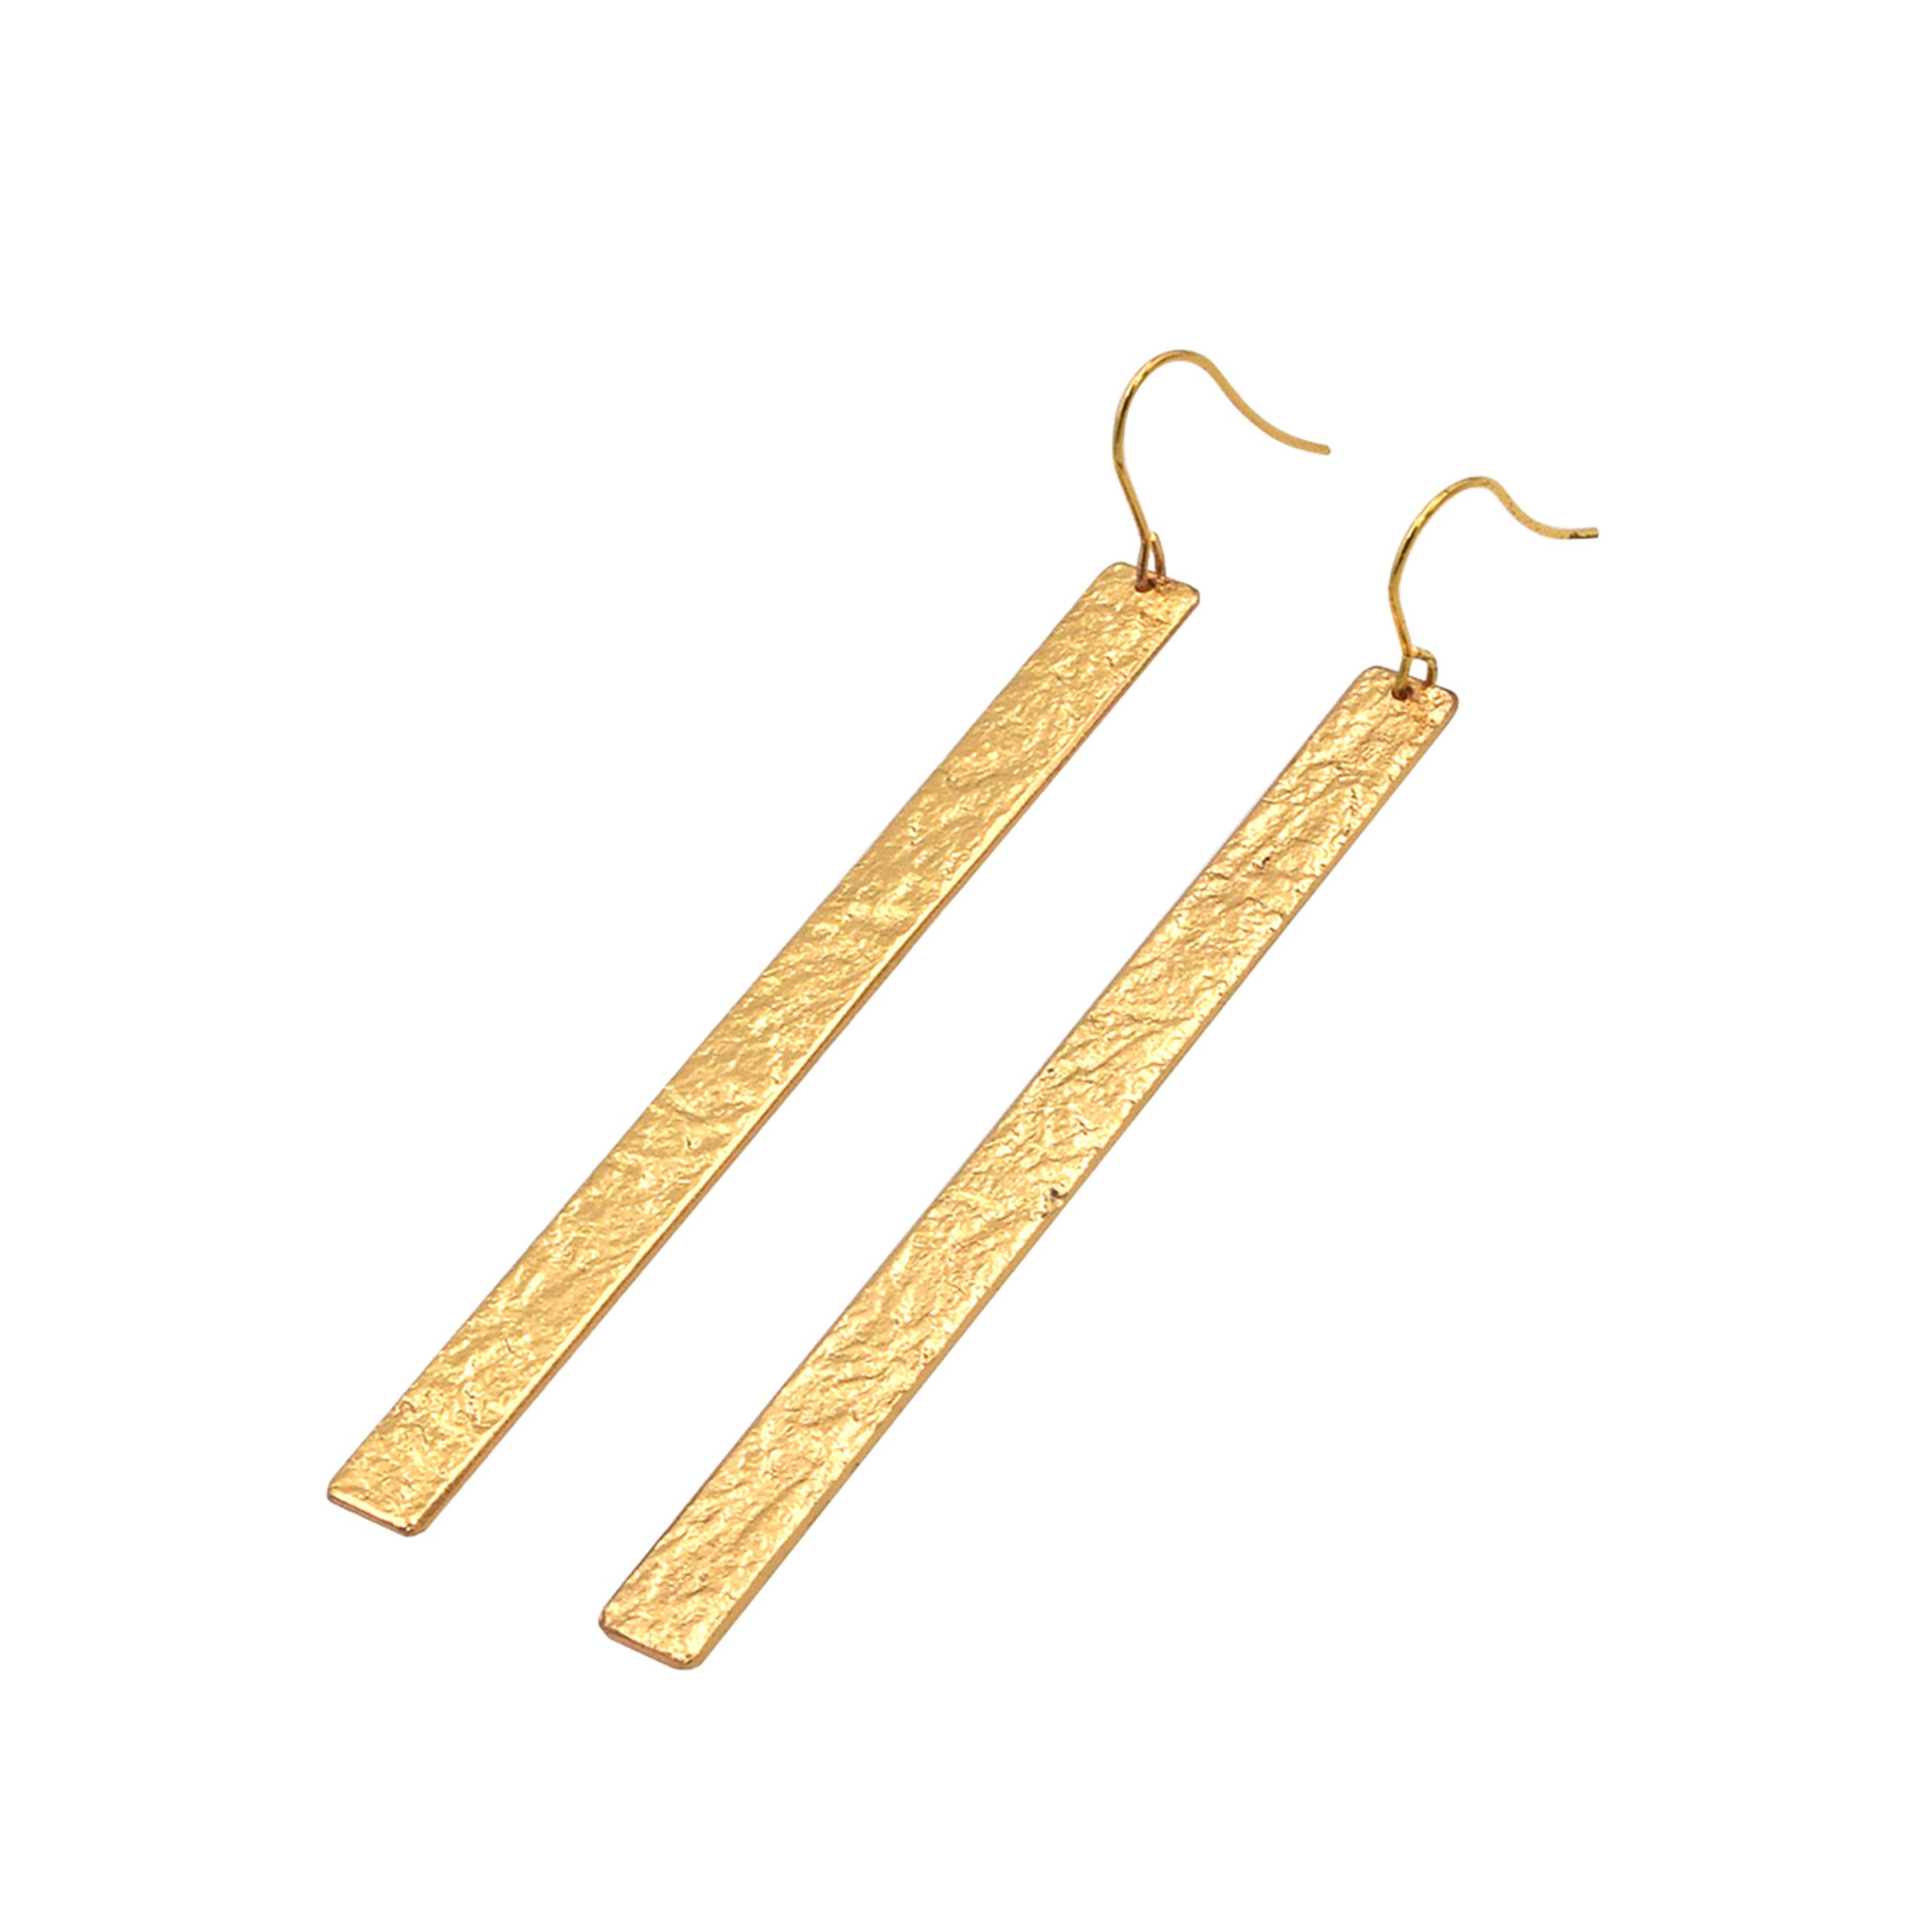 《ピアス 》TIN BREATH Pierced earrings  7×80mm Gold